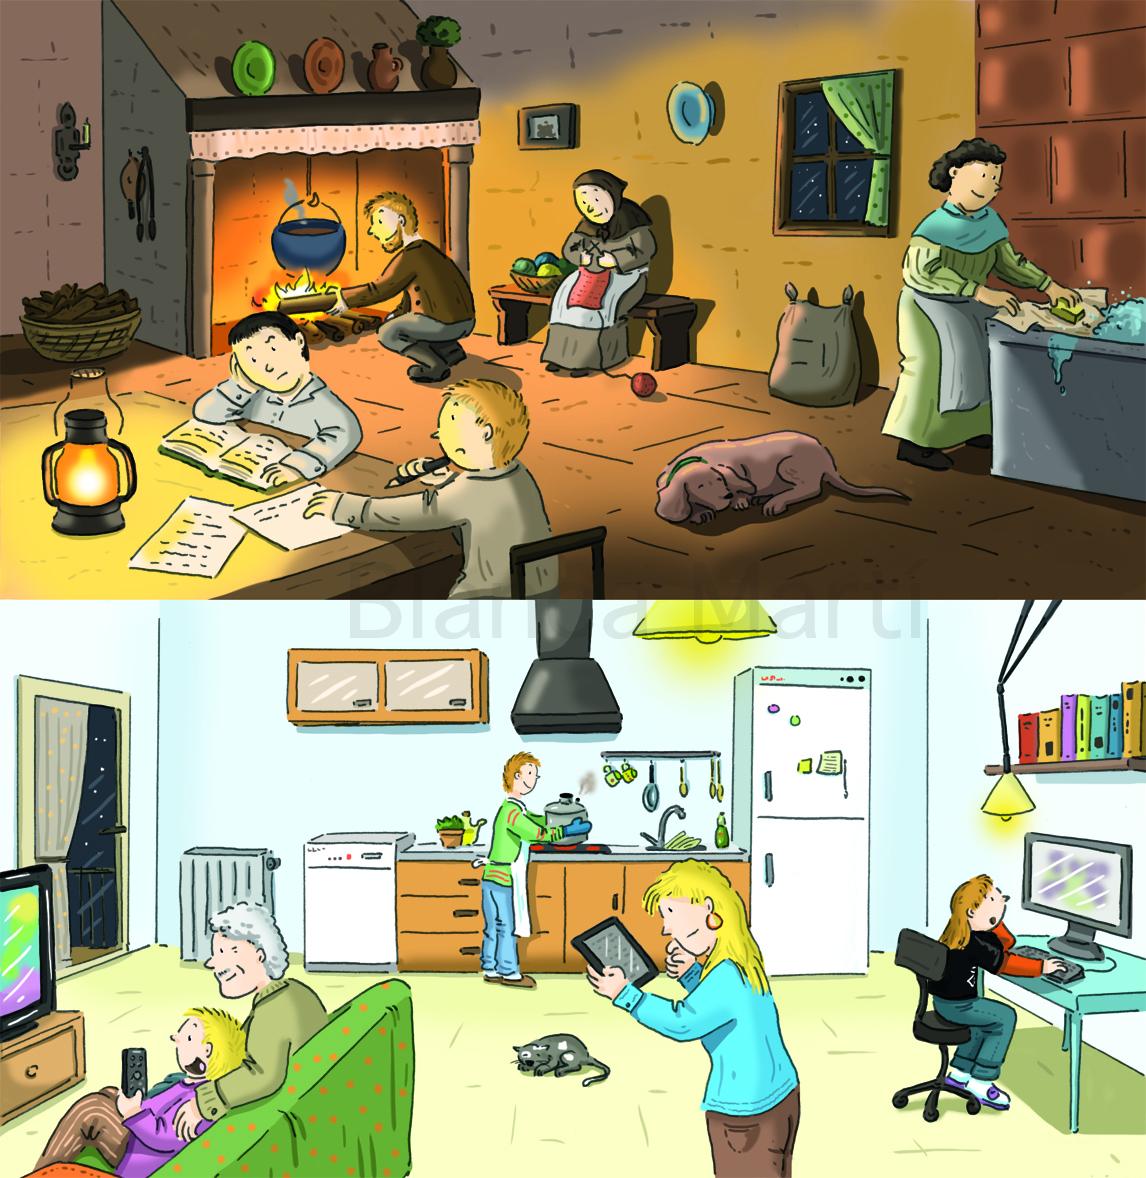 La vida en casa